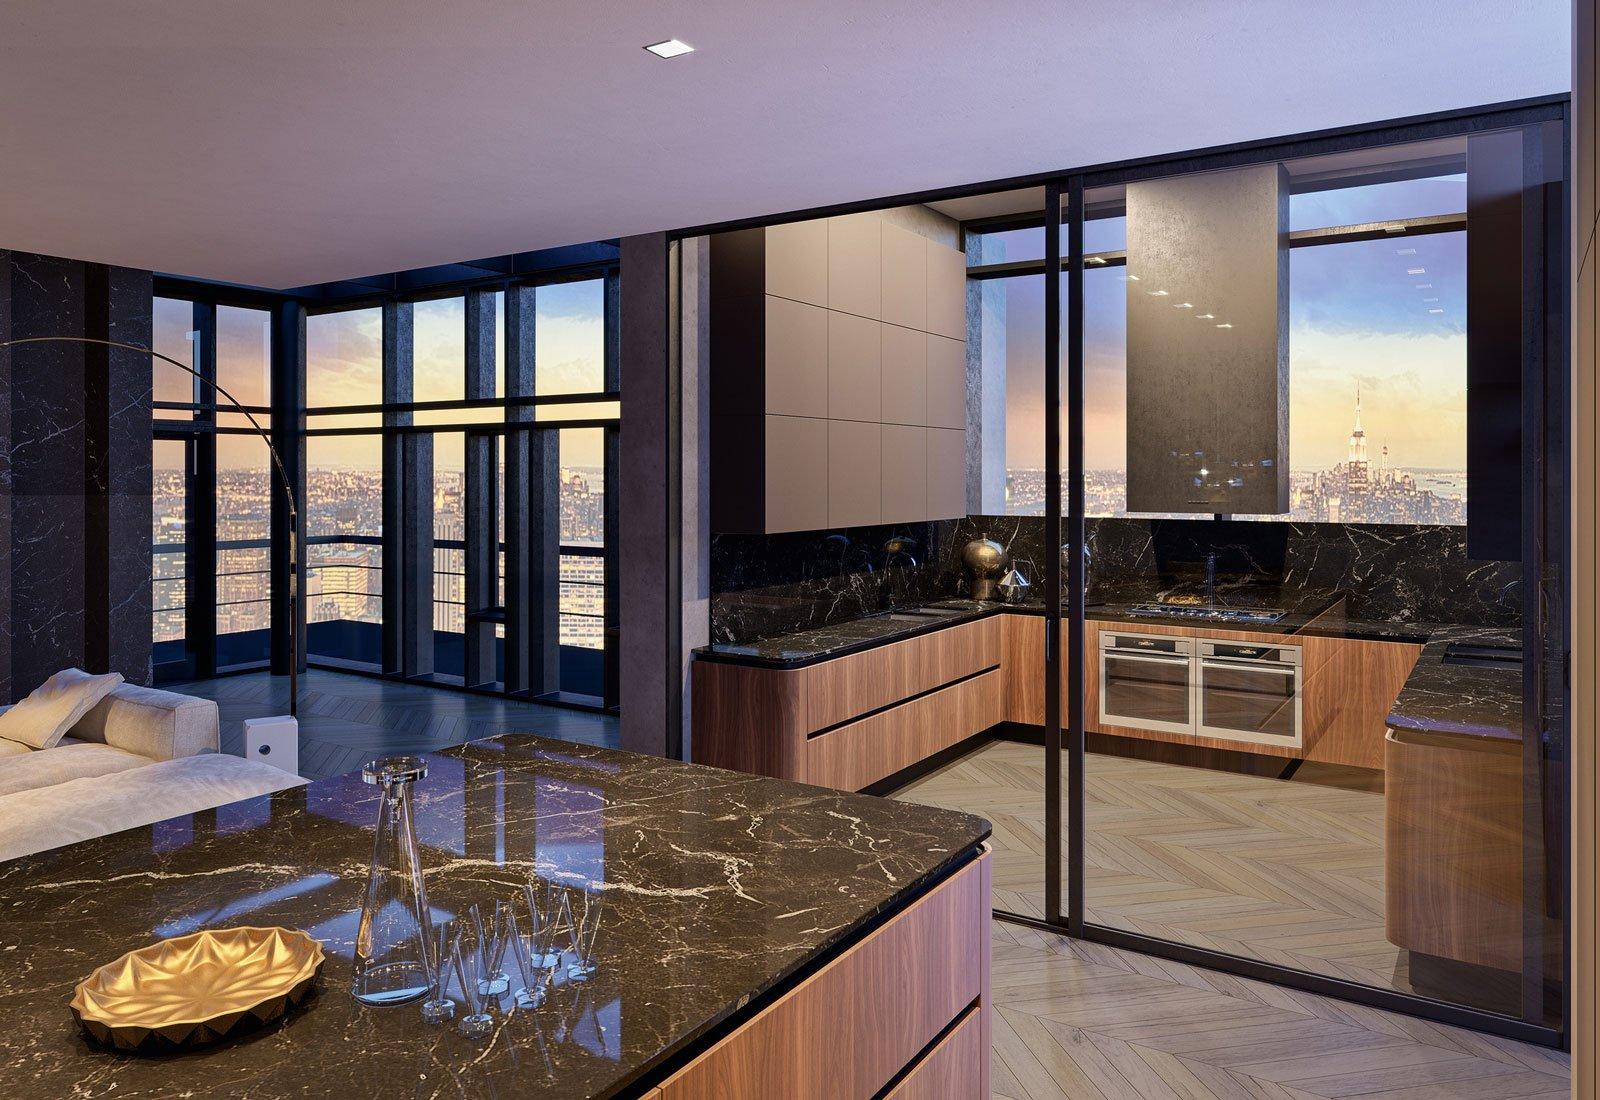 cucina in legno: c'era una volta e ci sarà sempre! - cose di casa - Cucina Febal Light La Qualita Accessibile